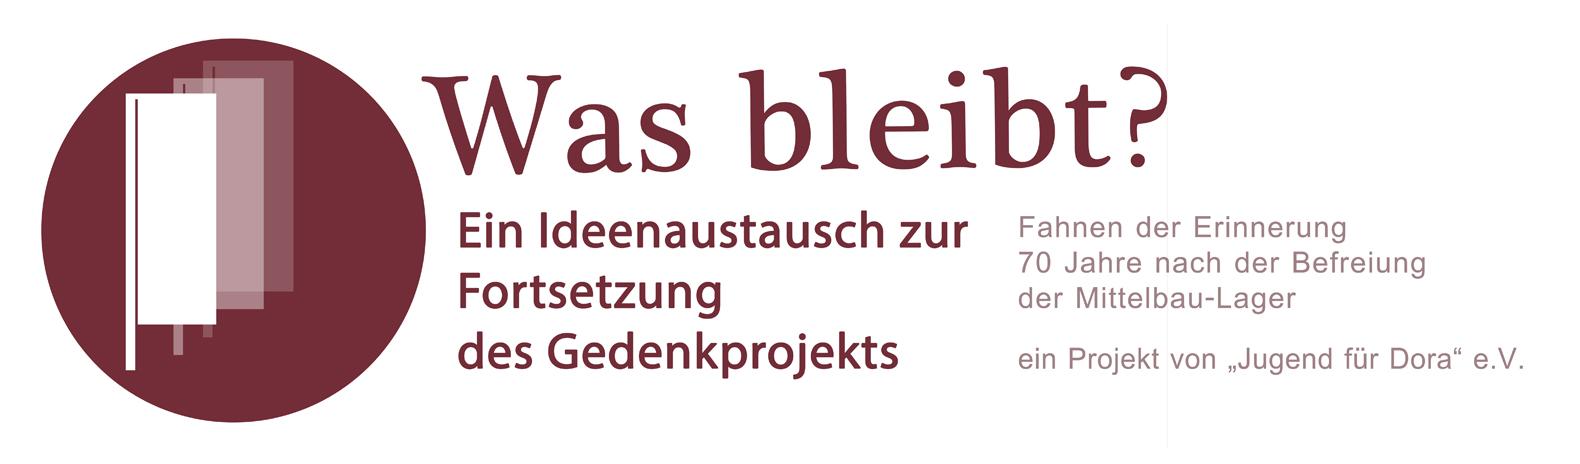 Ideenaustausch_Logo